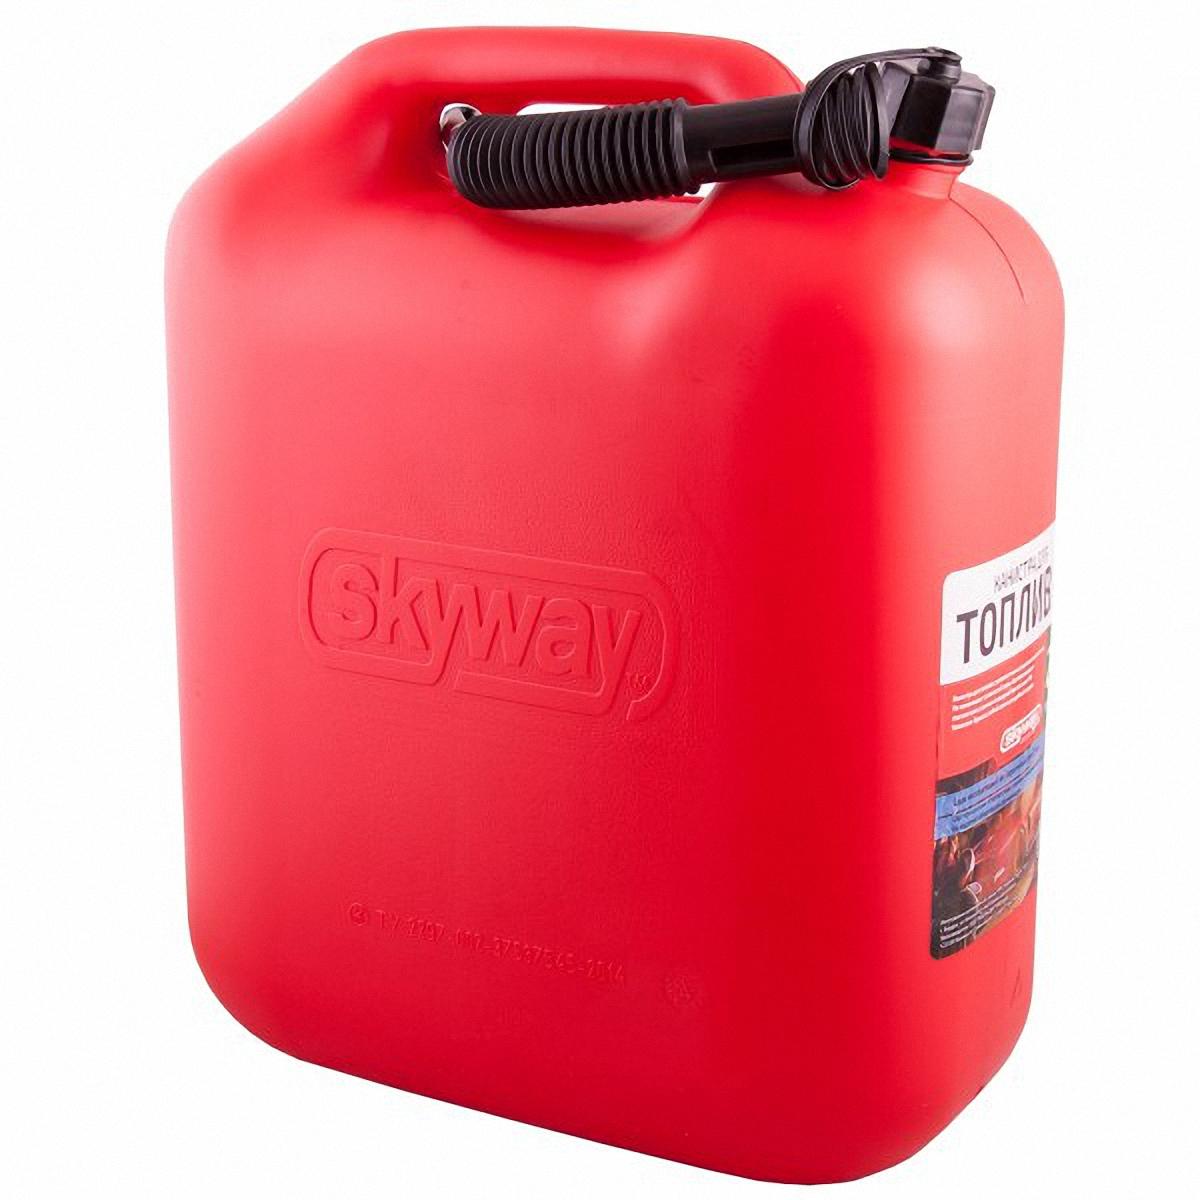 Канистра Skyway, 20 лS02602003Канистра предназначена для хранения жидкостей, в том числе топлива и топливных смесей. Изготовлена из HDPE (High-density polyethylene - сверхвысокомолекулярный полиэтилен высокой плотности), обладает высокой прочностью и ударной вязкостью в большом диапазоне температур (от - 200 С°до + 100 С°), низким коэффициентом трения, химо- и износостойкостью. Устойчивая конструкция канистры предотвращает ее перемещение в багажнике при интенсивном движении, снижая уровень нежелательного шума. В комплект входит трубка-лейка, что позволяет наполнить любую неудобно расположенную емкость.